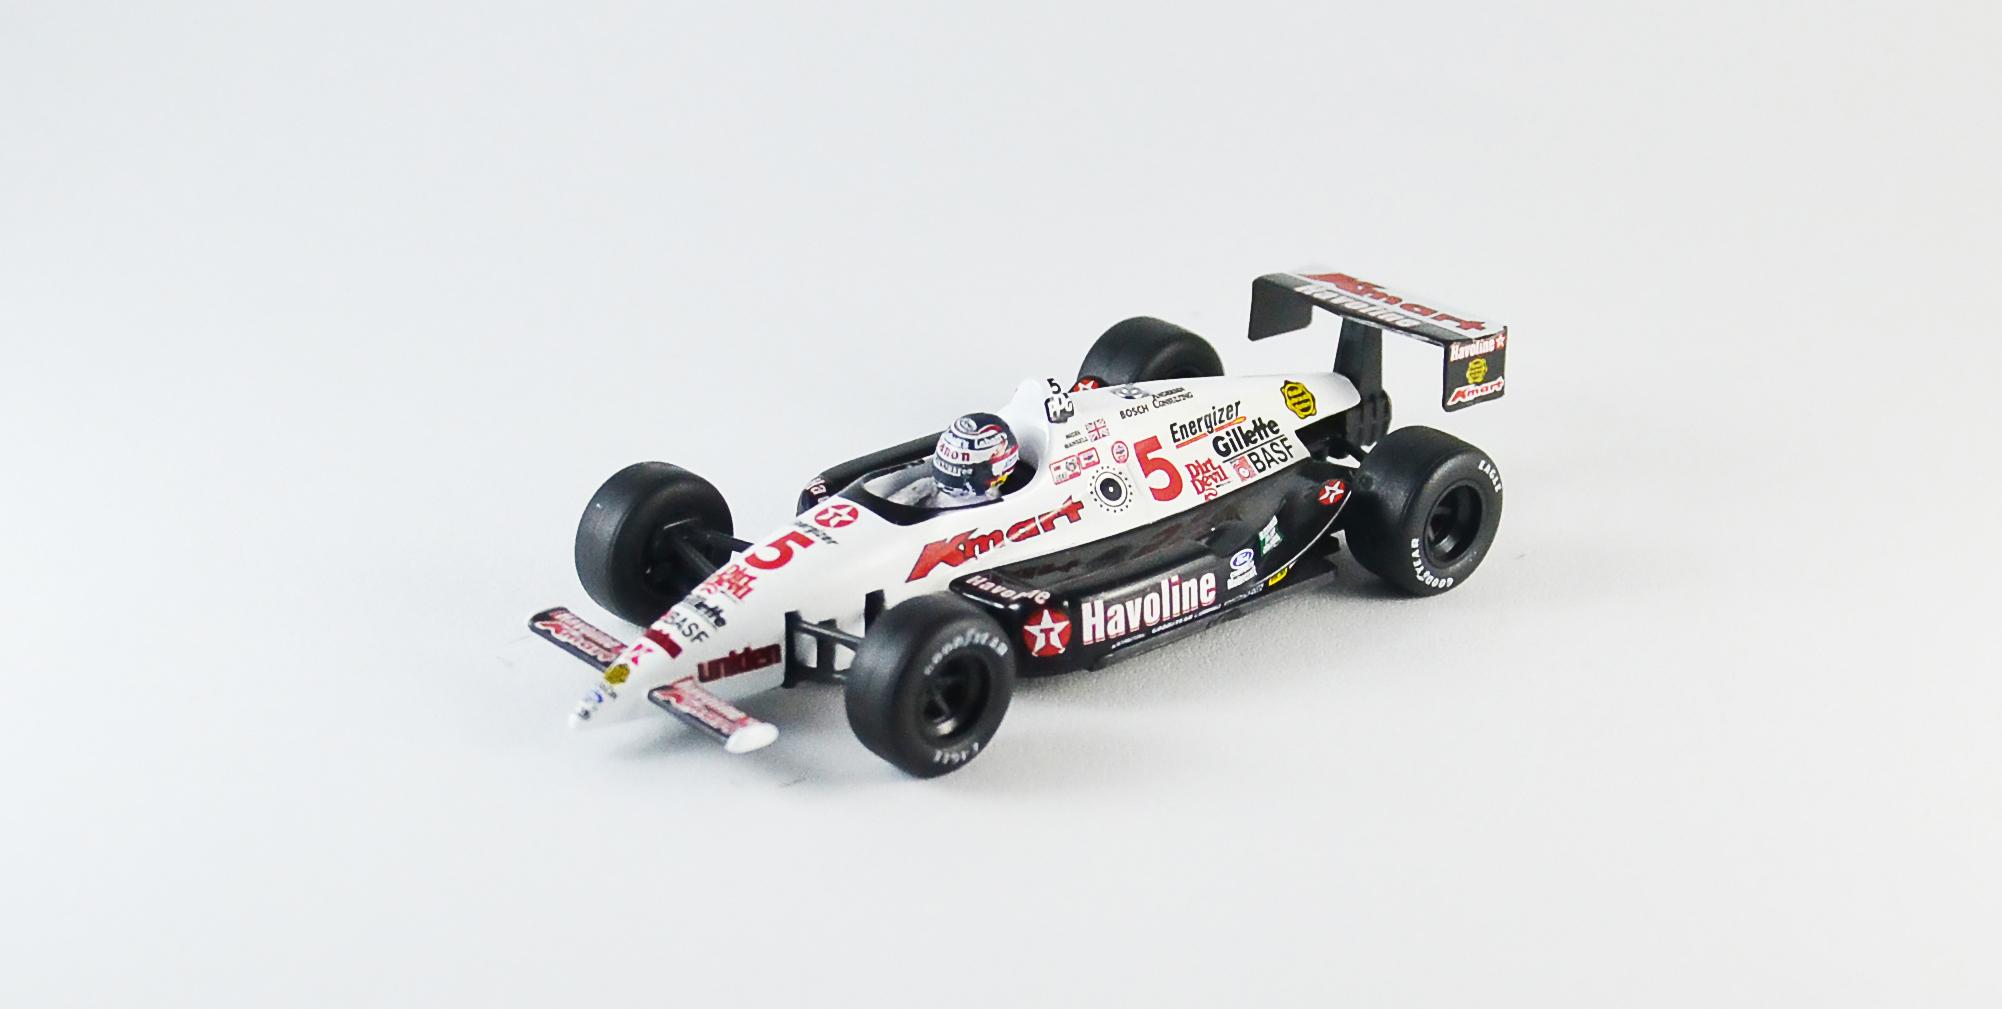 Mansell 1993-as IndyCar autója. Pilóta gyárilag nem jár bele és a visszapillantó tükrök is hiányoznak.